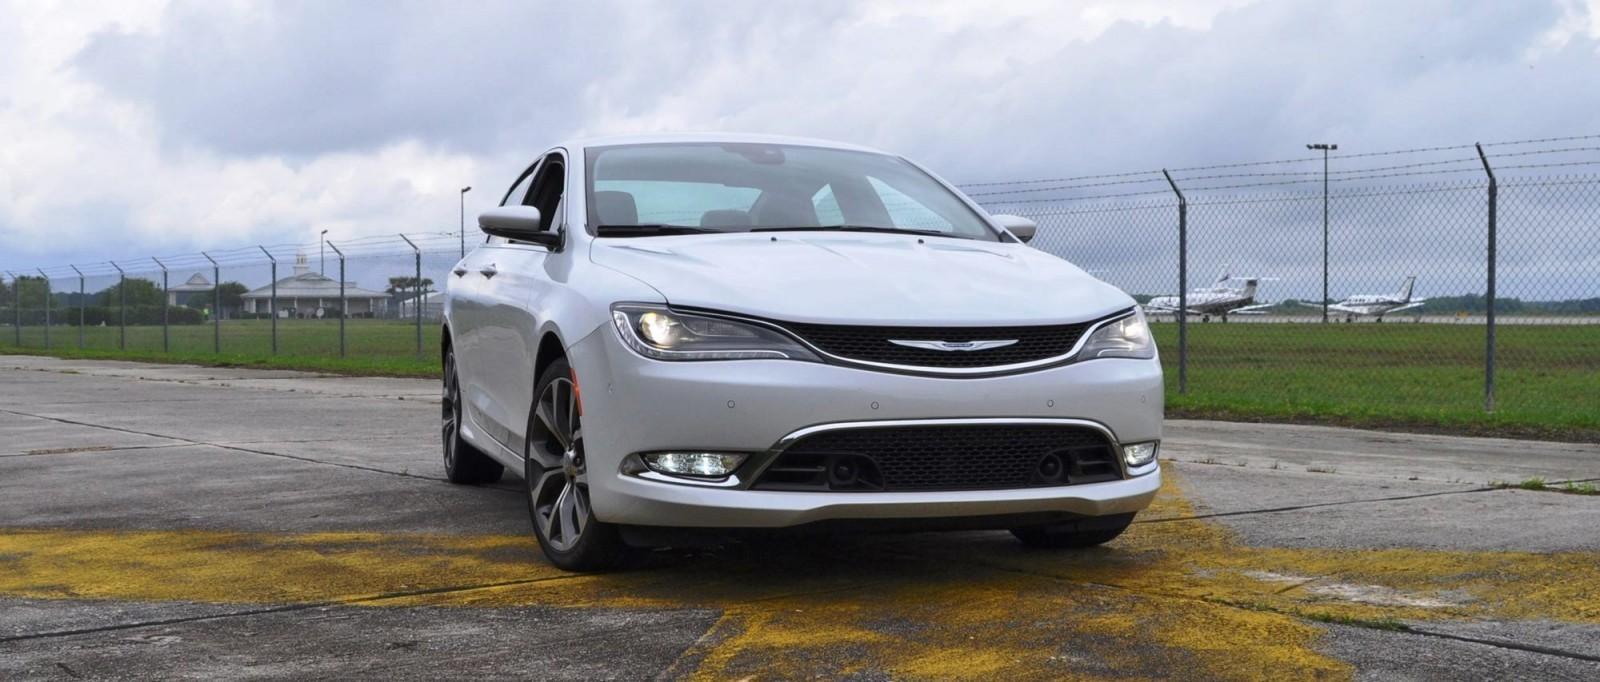 2015 Chrysler 200C V6 38